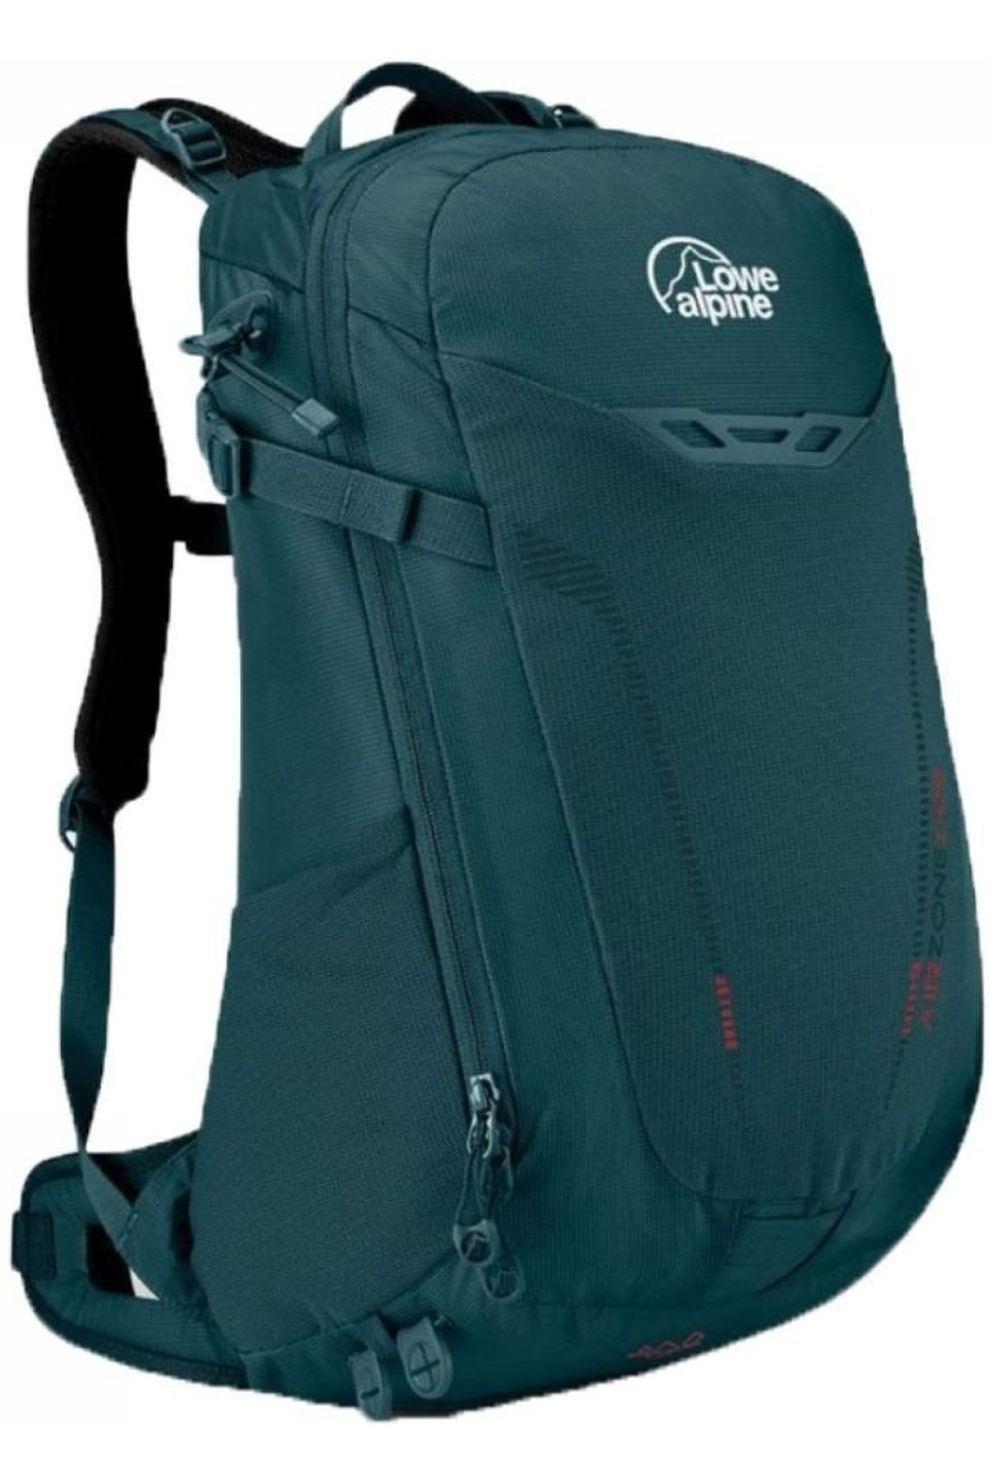 Lowe Alpine Dagrugzak Airzone Z ND18 voor dames - Groen - Maat: S